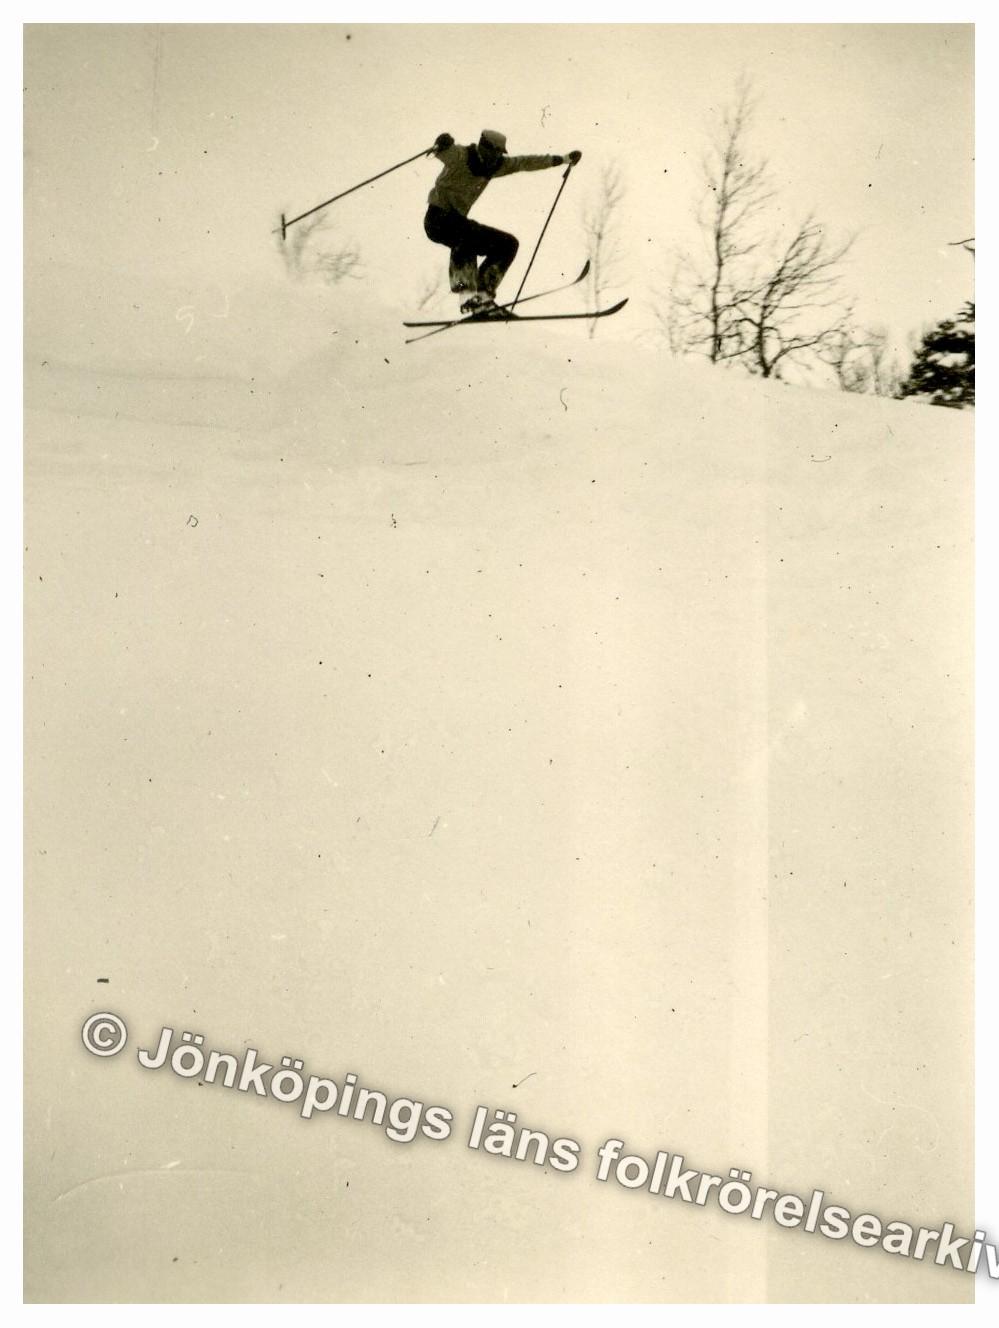 Vinterklädd person gör ett hopp med skidor i en backe.